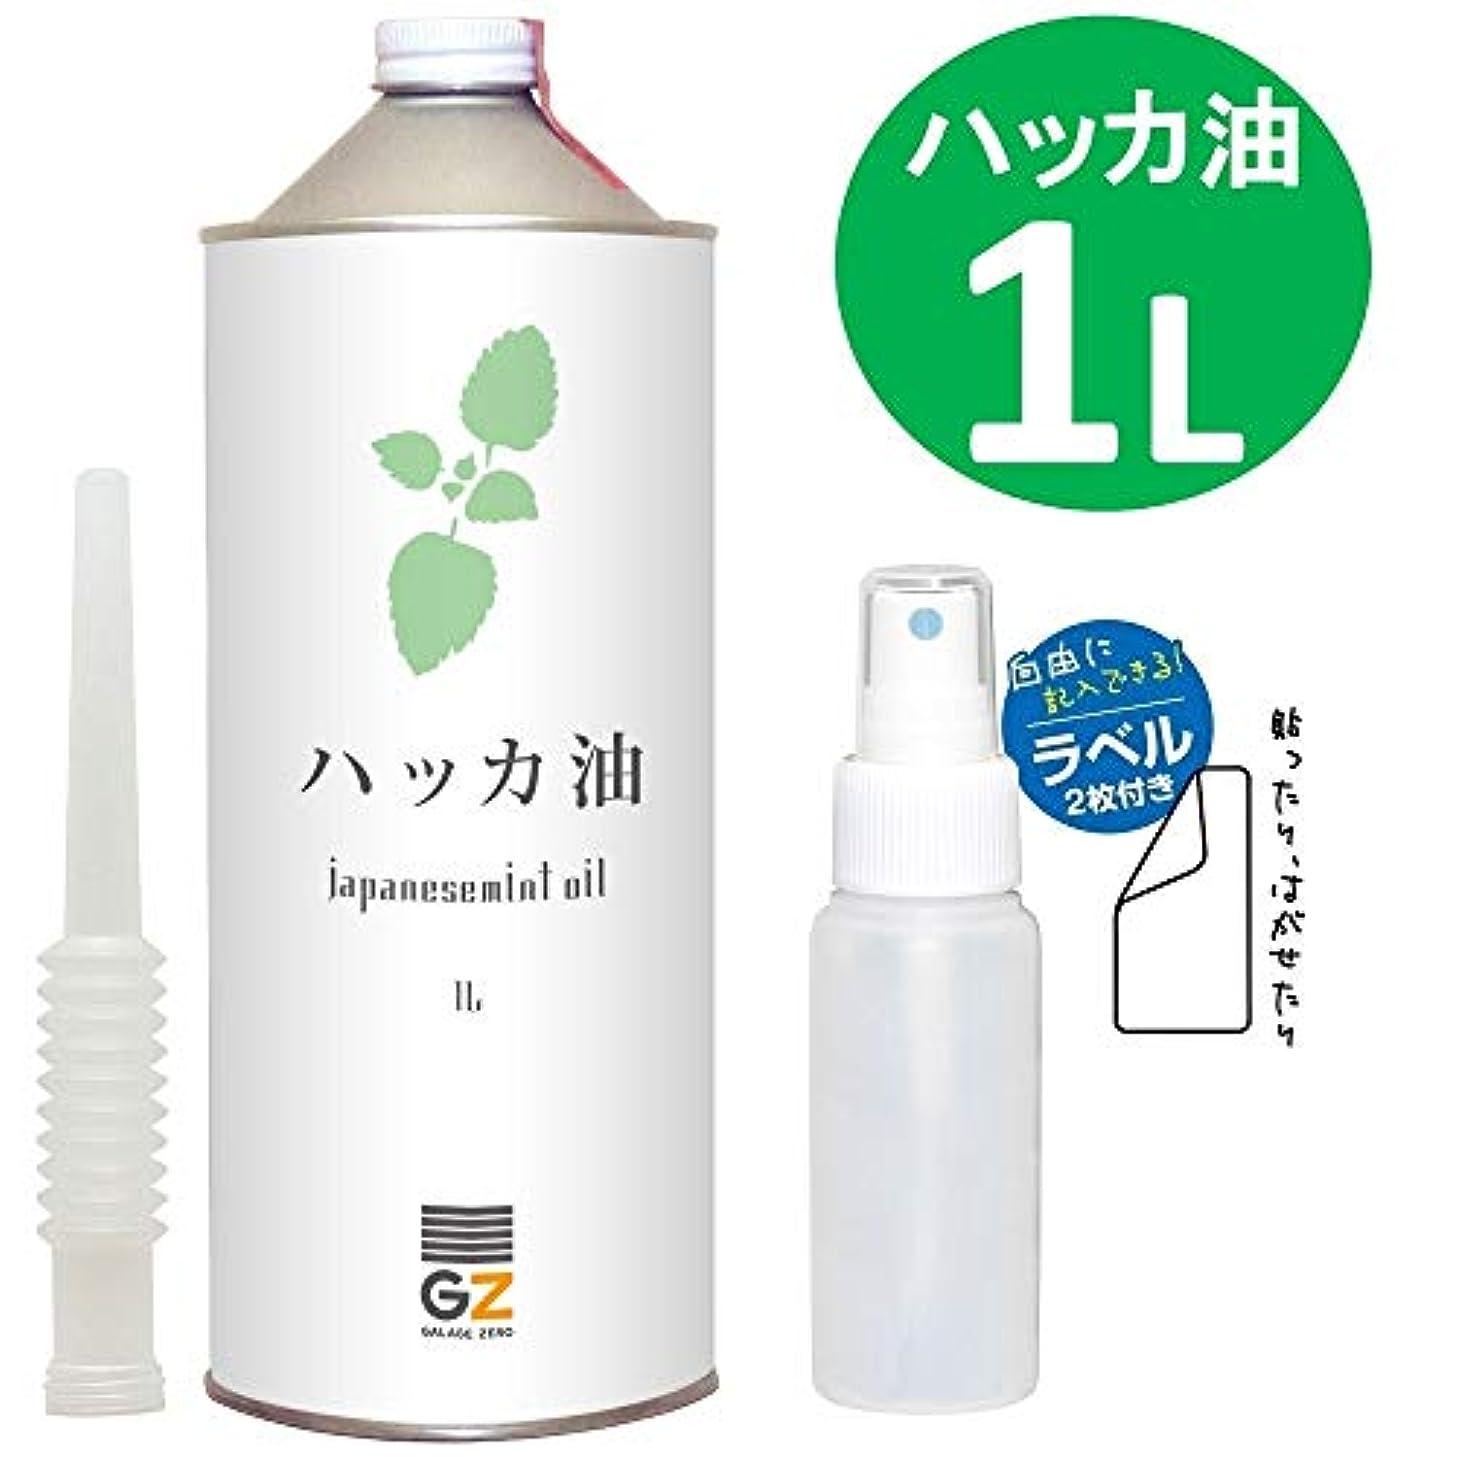 必須許さないワインガレージ?ゼロ ハッカ油 1L(GZAK14)+50mlPEスプレーボトル/和種薄荷/ジャパニーズミント GSE531